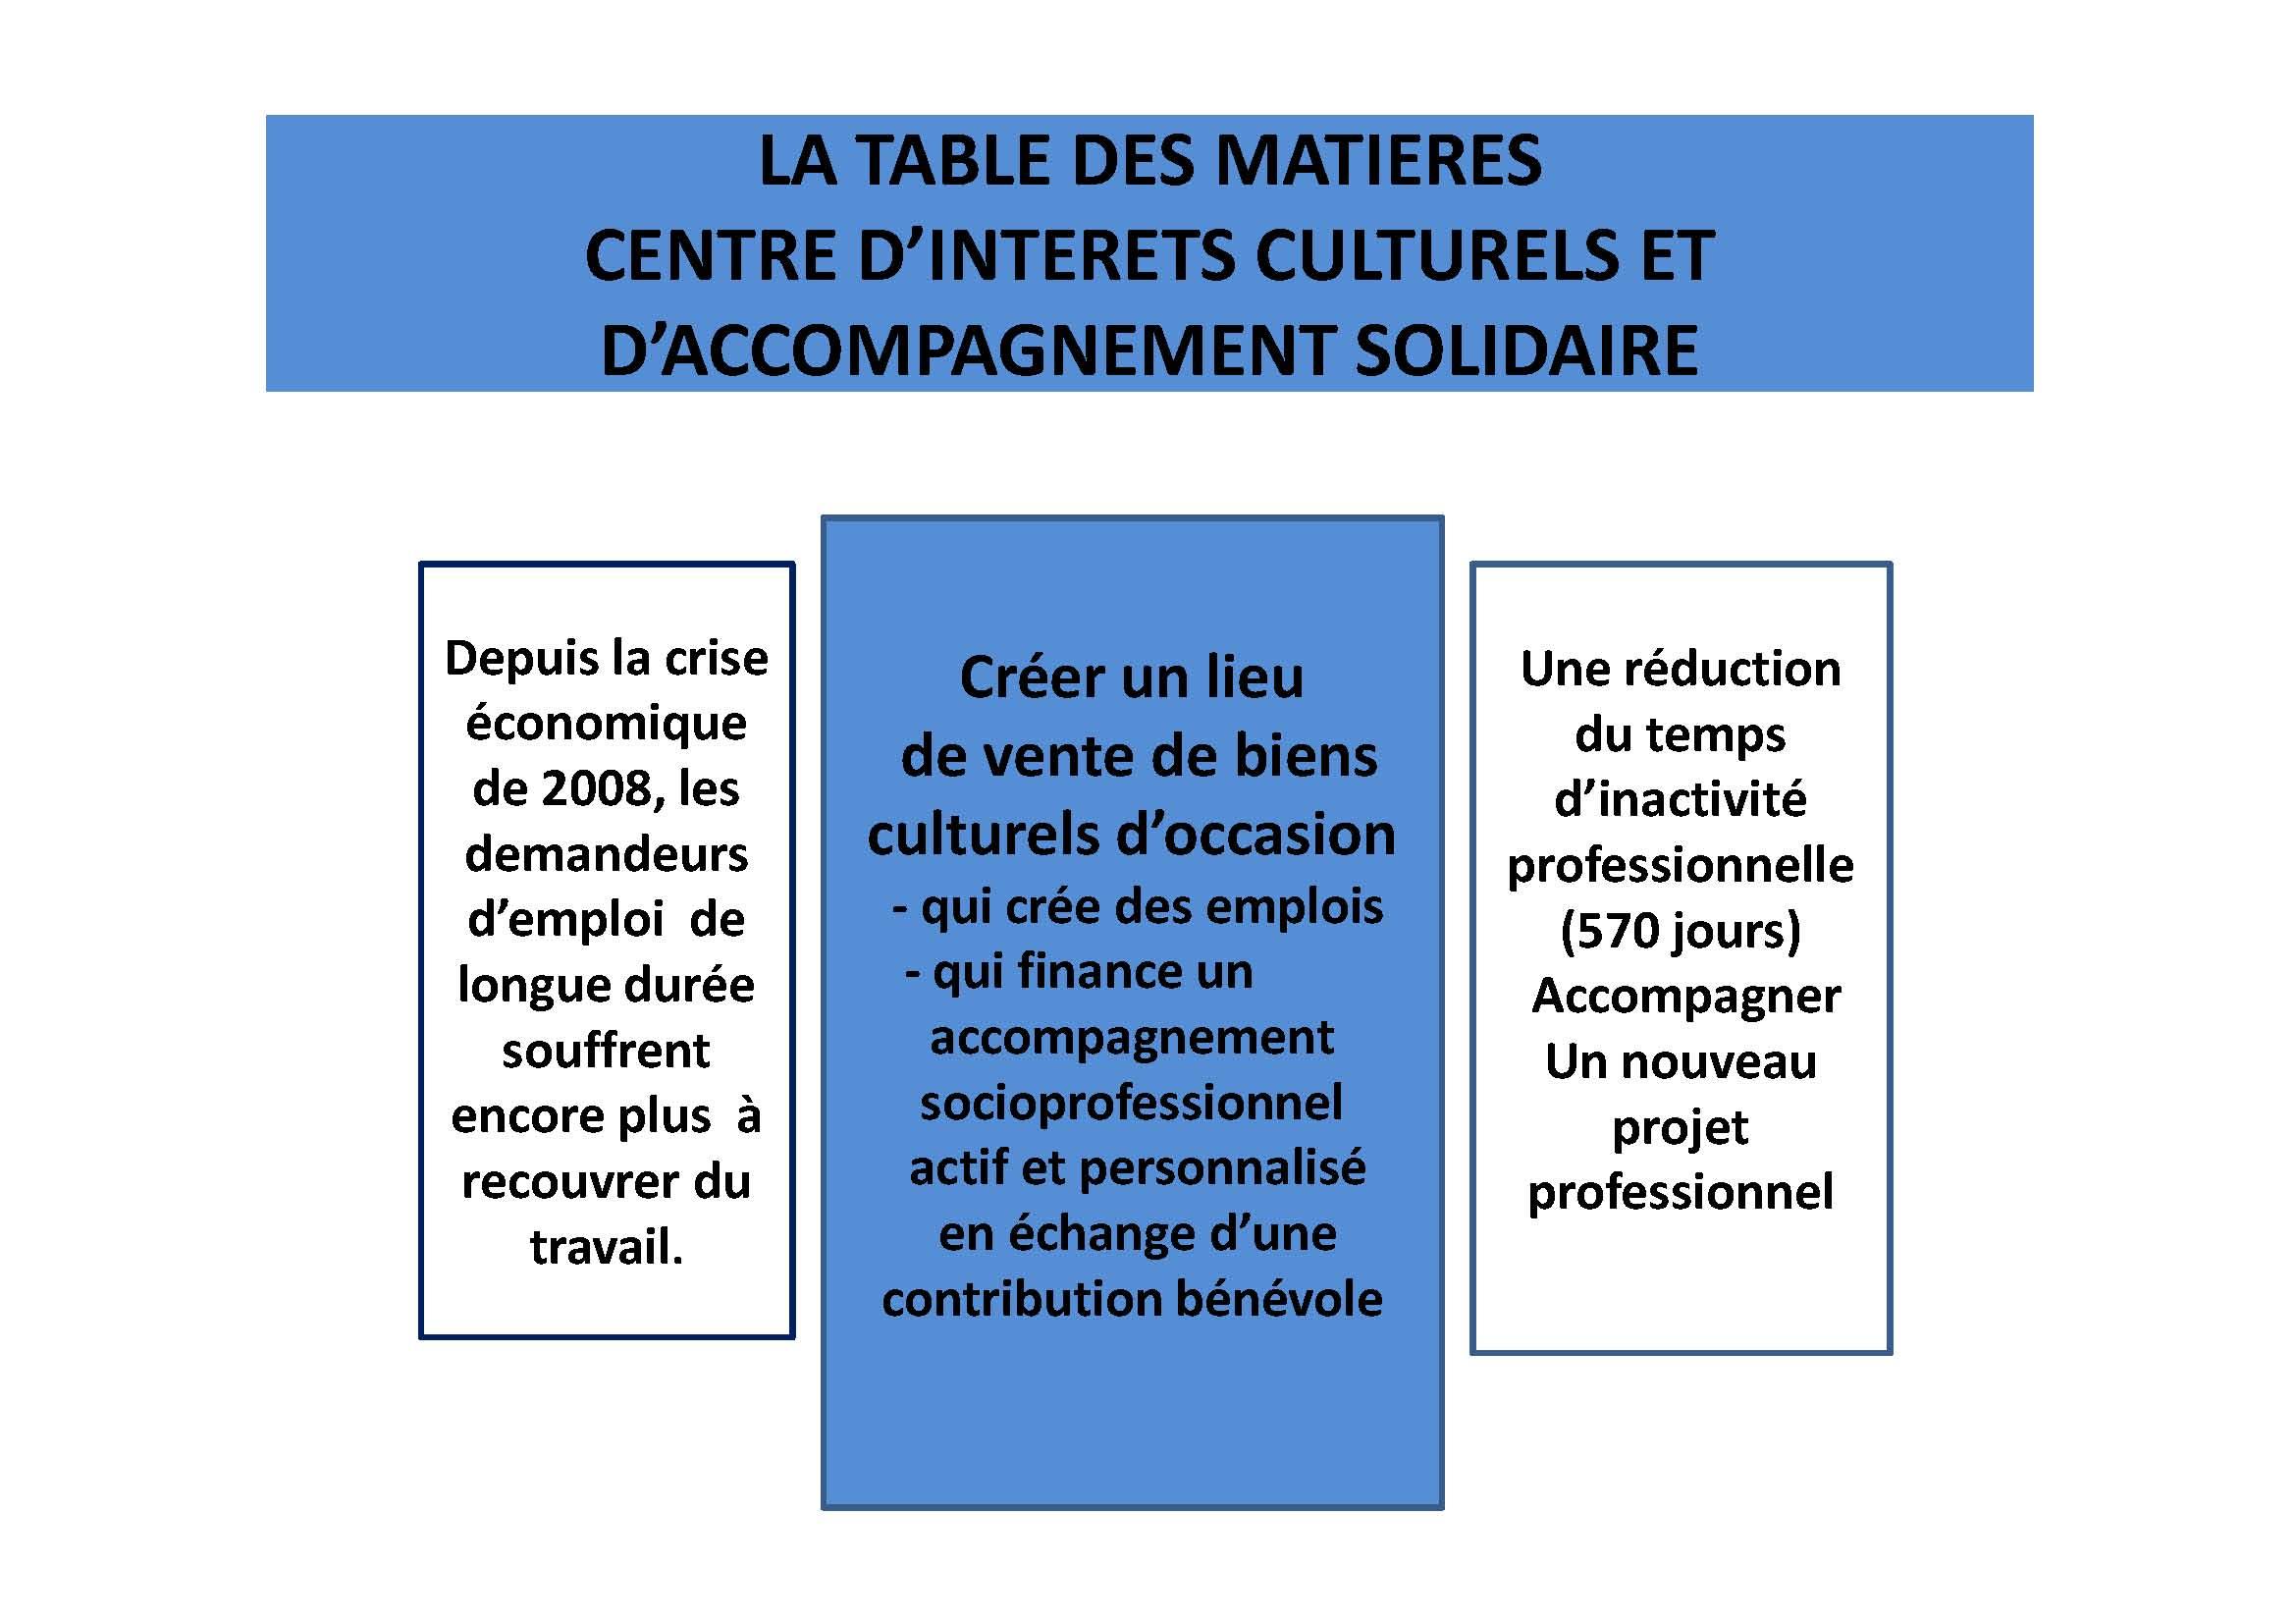 Synthese-La-Table-des-Matières-2